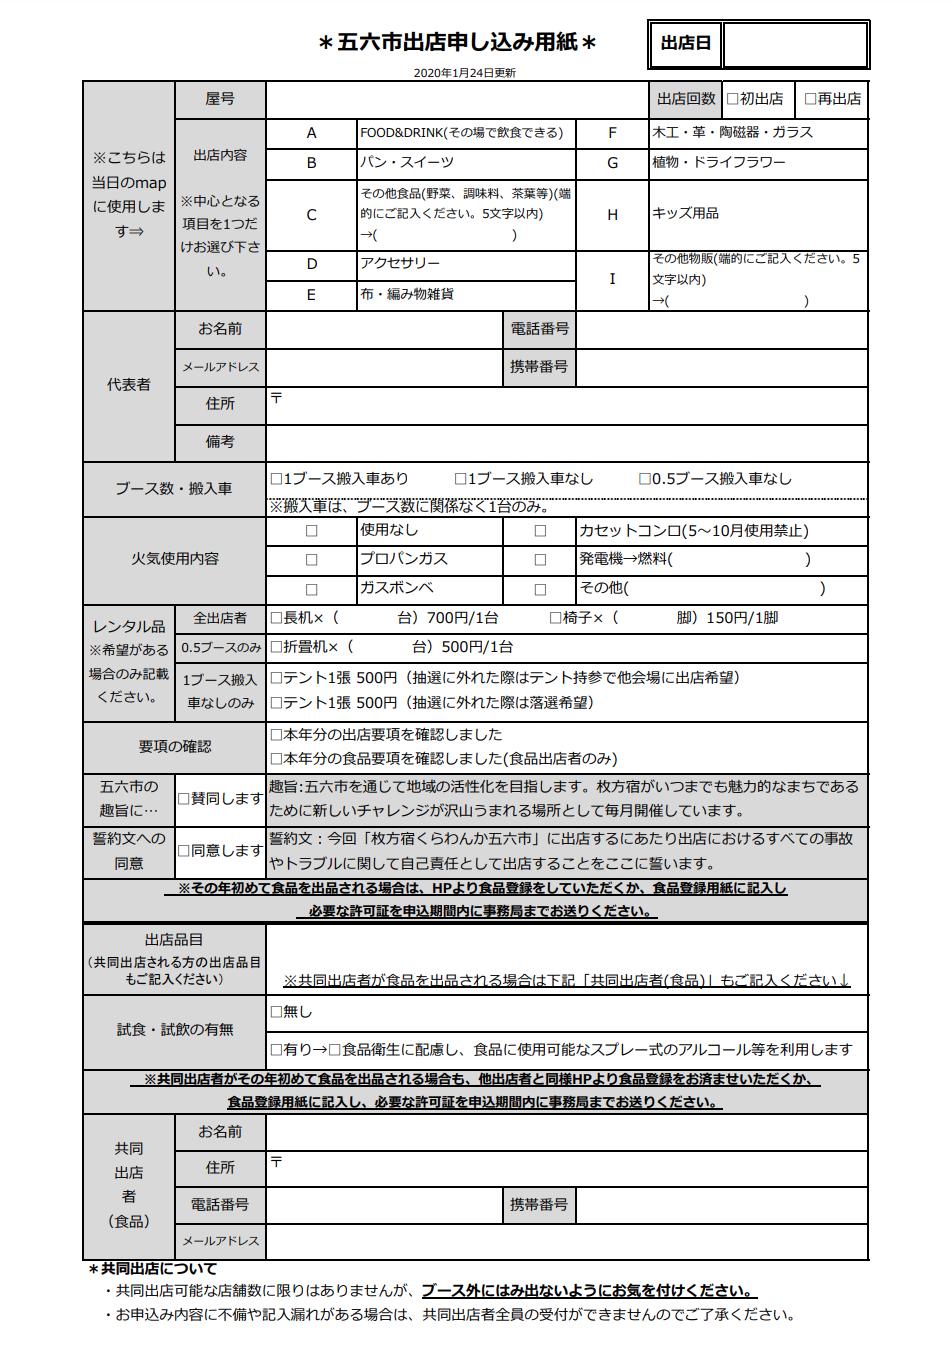 f:id:gorokuichi:20200128130553p:plain